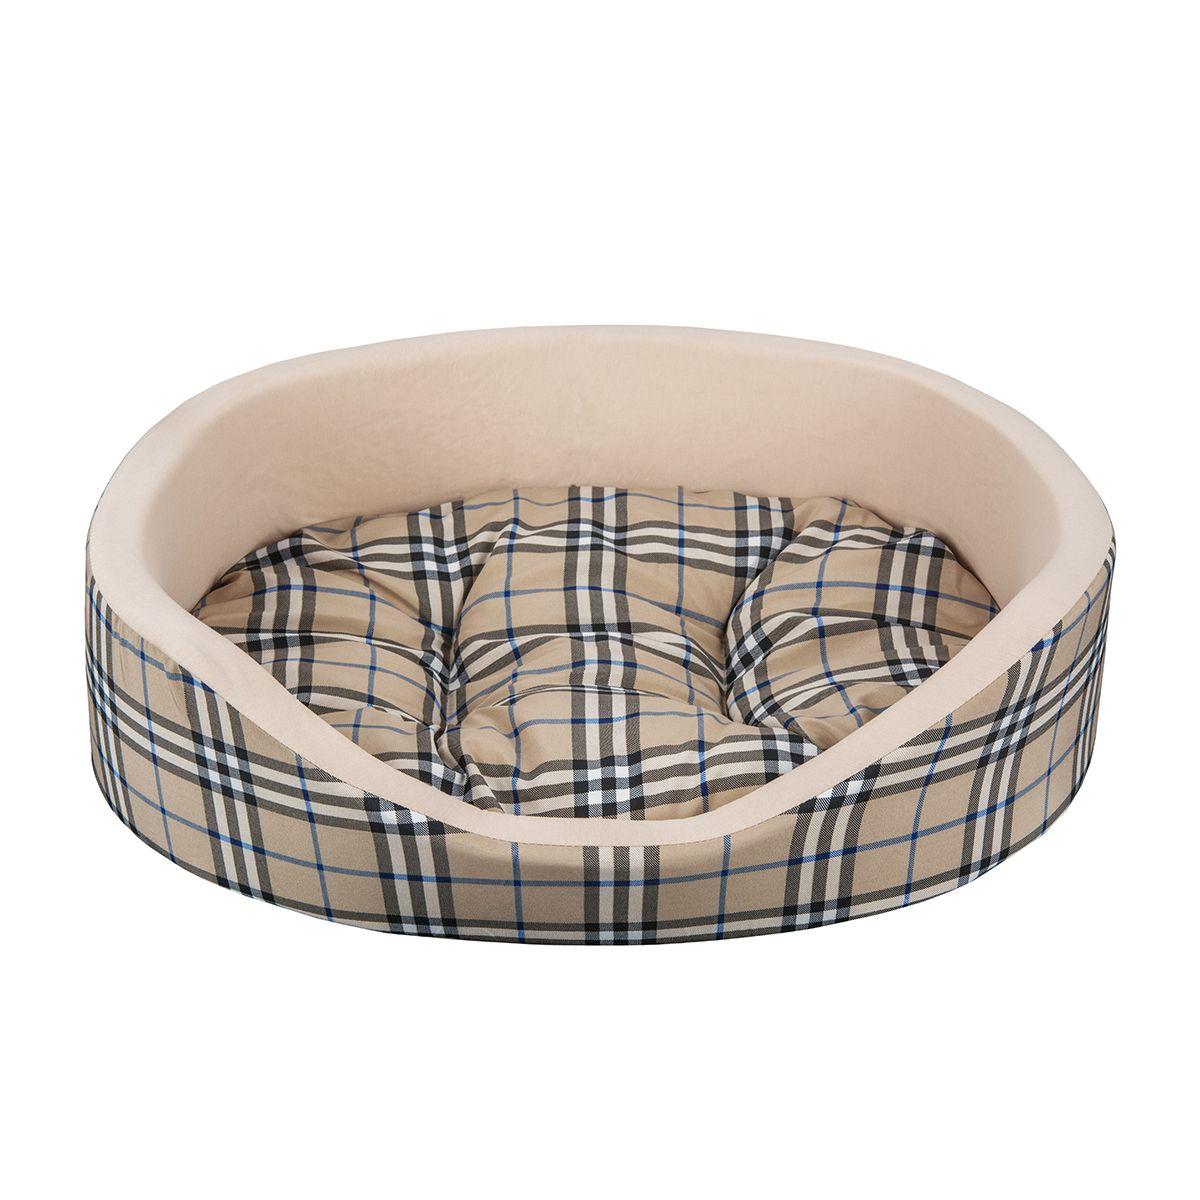 Лежак для животных Dogmoda Клетка, 48 х 39 х 15 см2069Лежак для животных Dogmoda Клетка прекрасно подойдет для отдыха вашего домашнего питомца. Предназначен для кошек и собак мелких и средних пород. Изделие выполнено из хлопка с принтом в клетку. Внутри - мягкий наполнитель из поролона, который обеспечивает комфорт и уют. Лежак снабжен съемной подушкой с холлофайбером внутри.Комфортный и уютный лежак обязательно понравится вашему питомцу, животное сможет там отдохнуть и выспаться.Высокий уровень комфорта, спокойный благородный цвет и мягкость сделают этот лежак любимым местом отдыха вашего питомца.